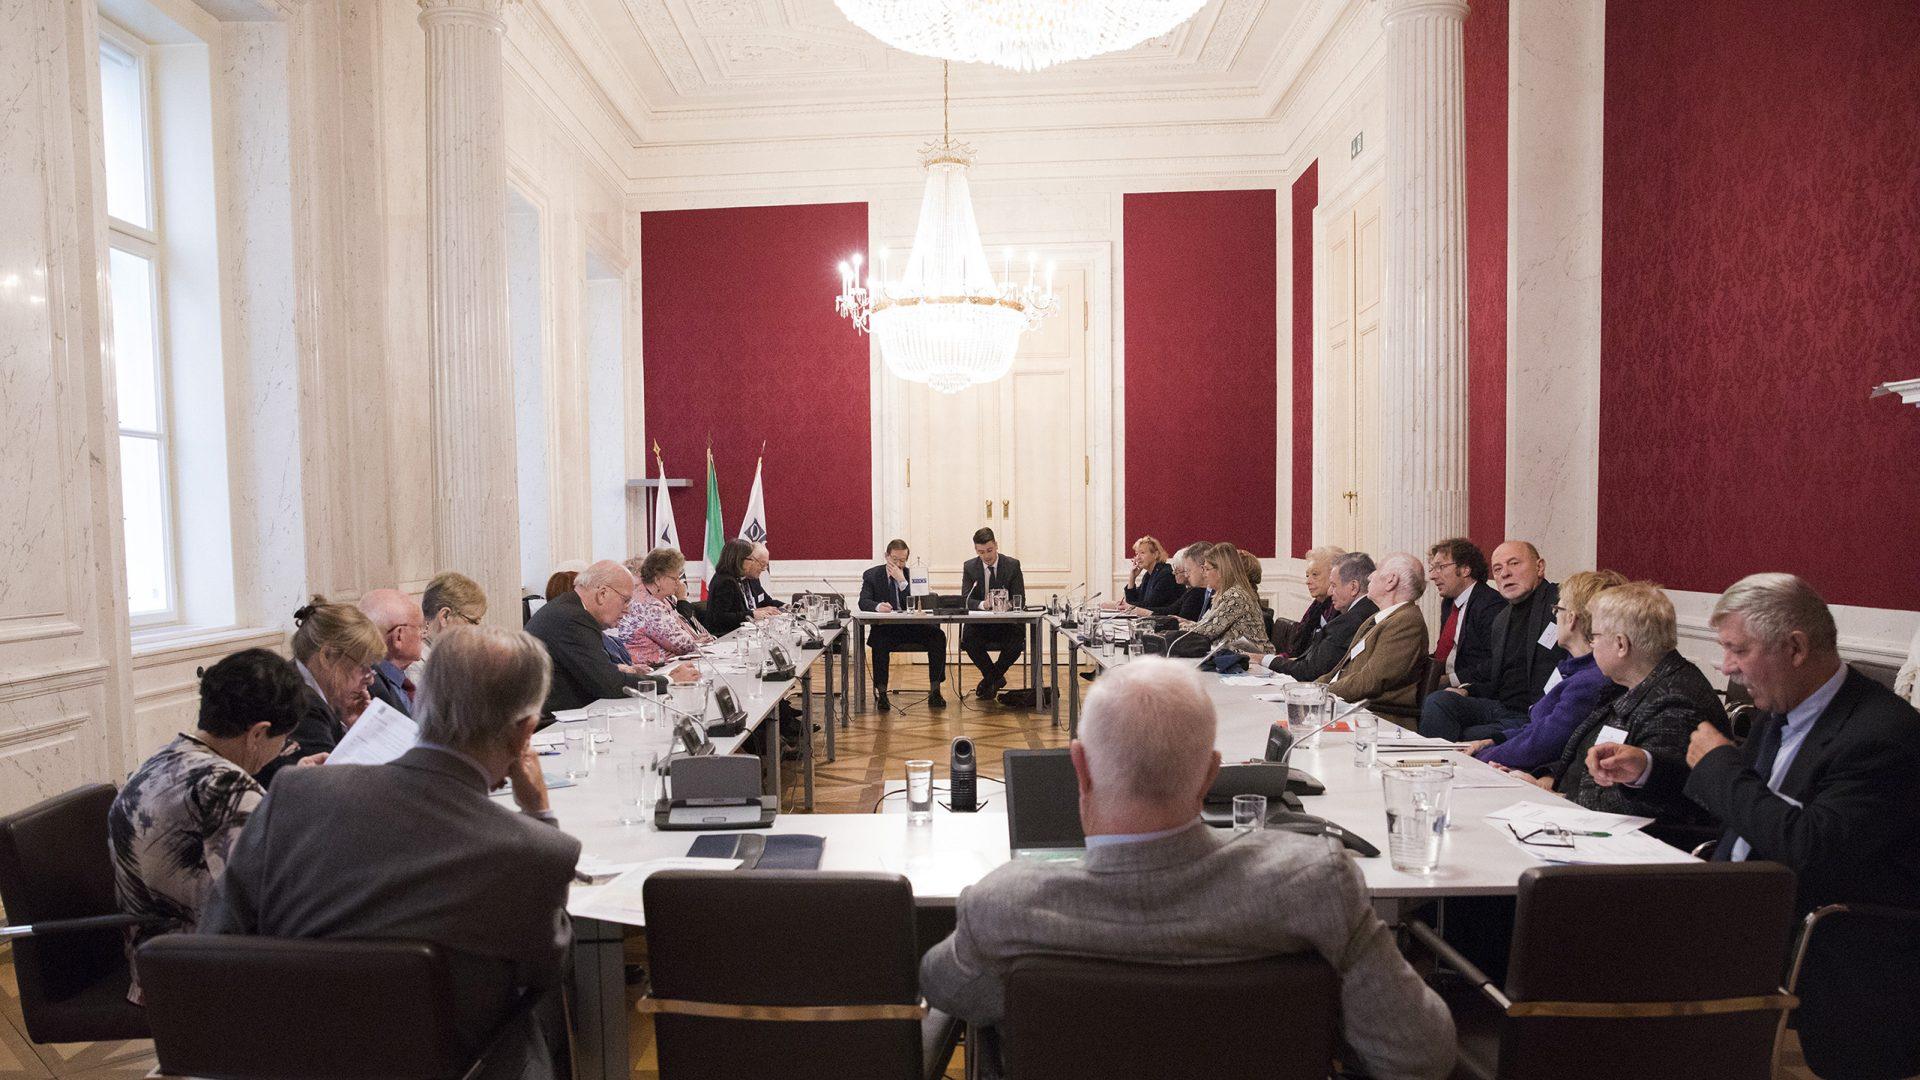 2018 FMA Visit to Austria